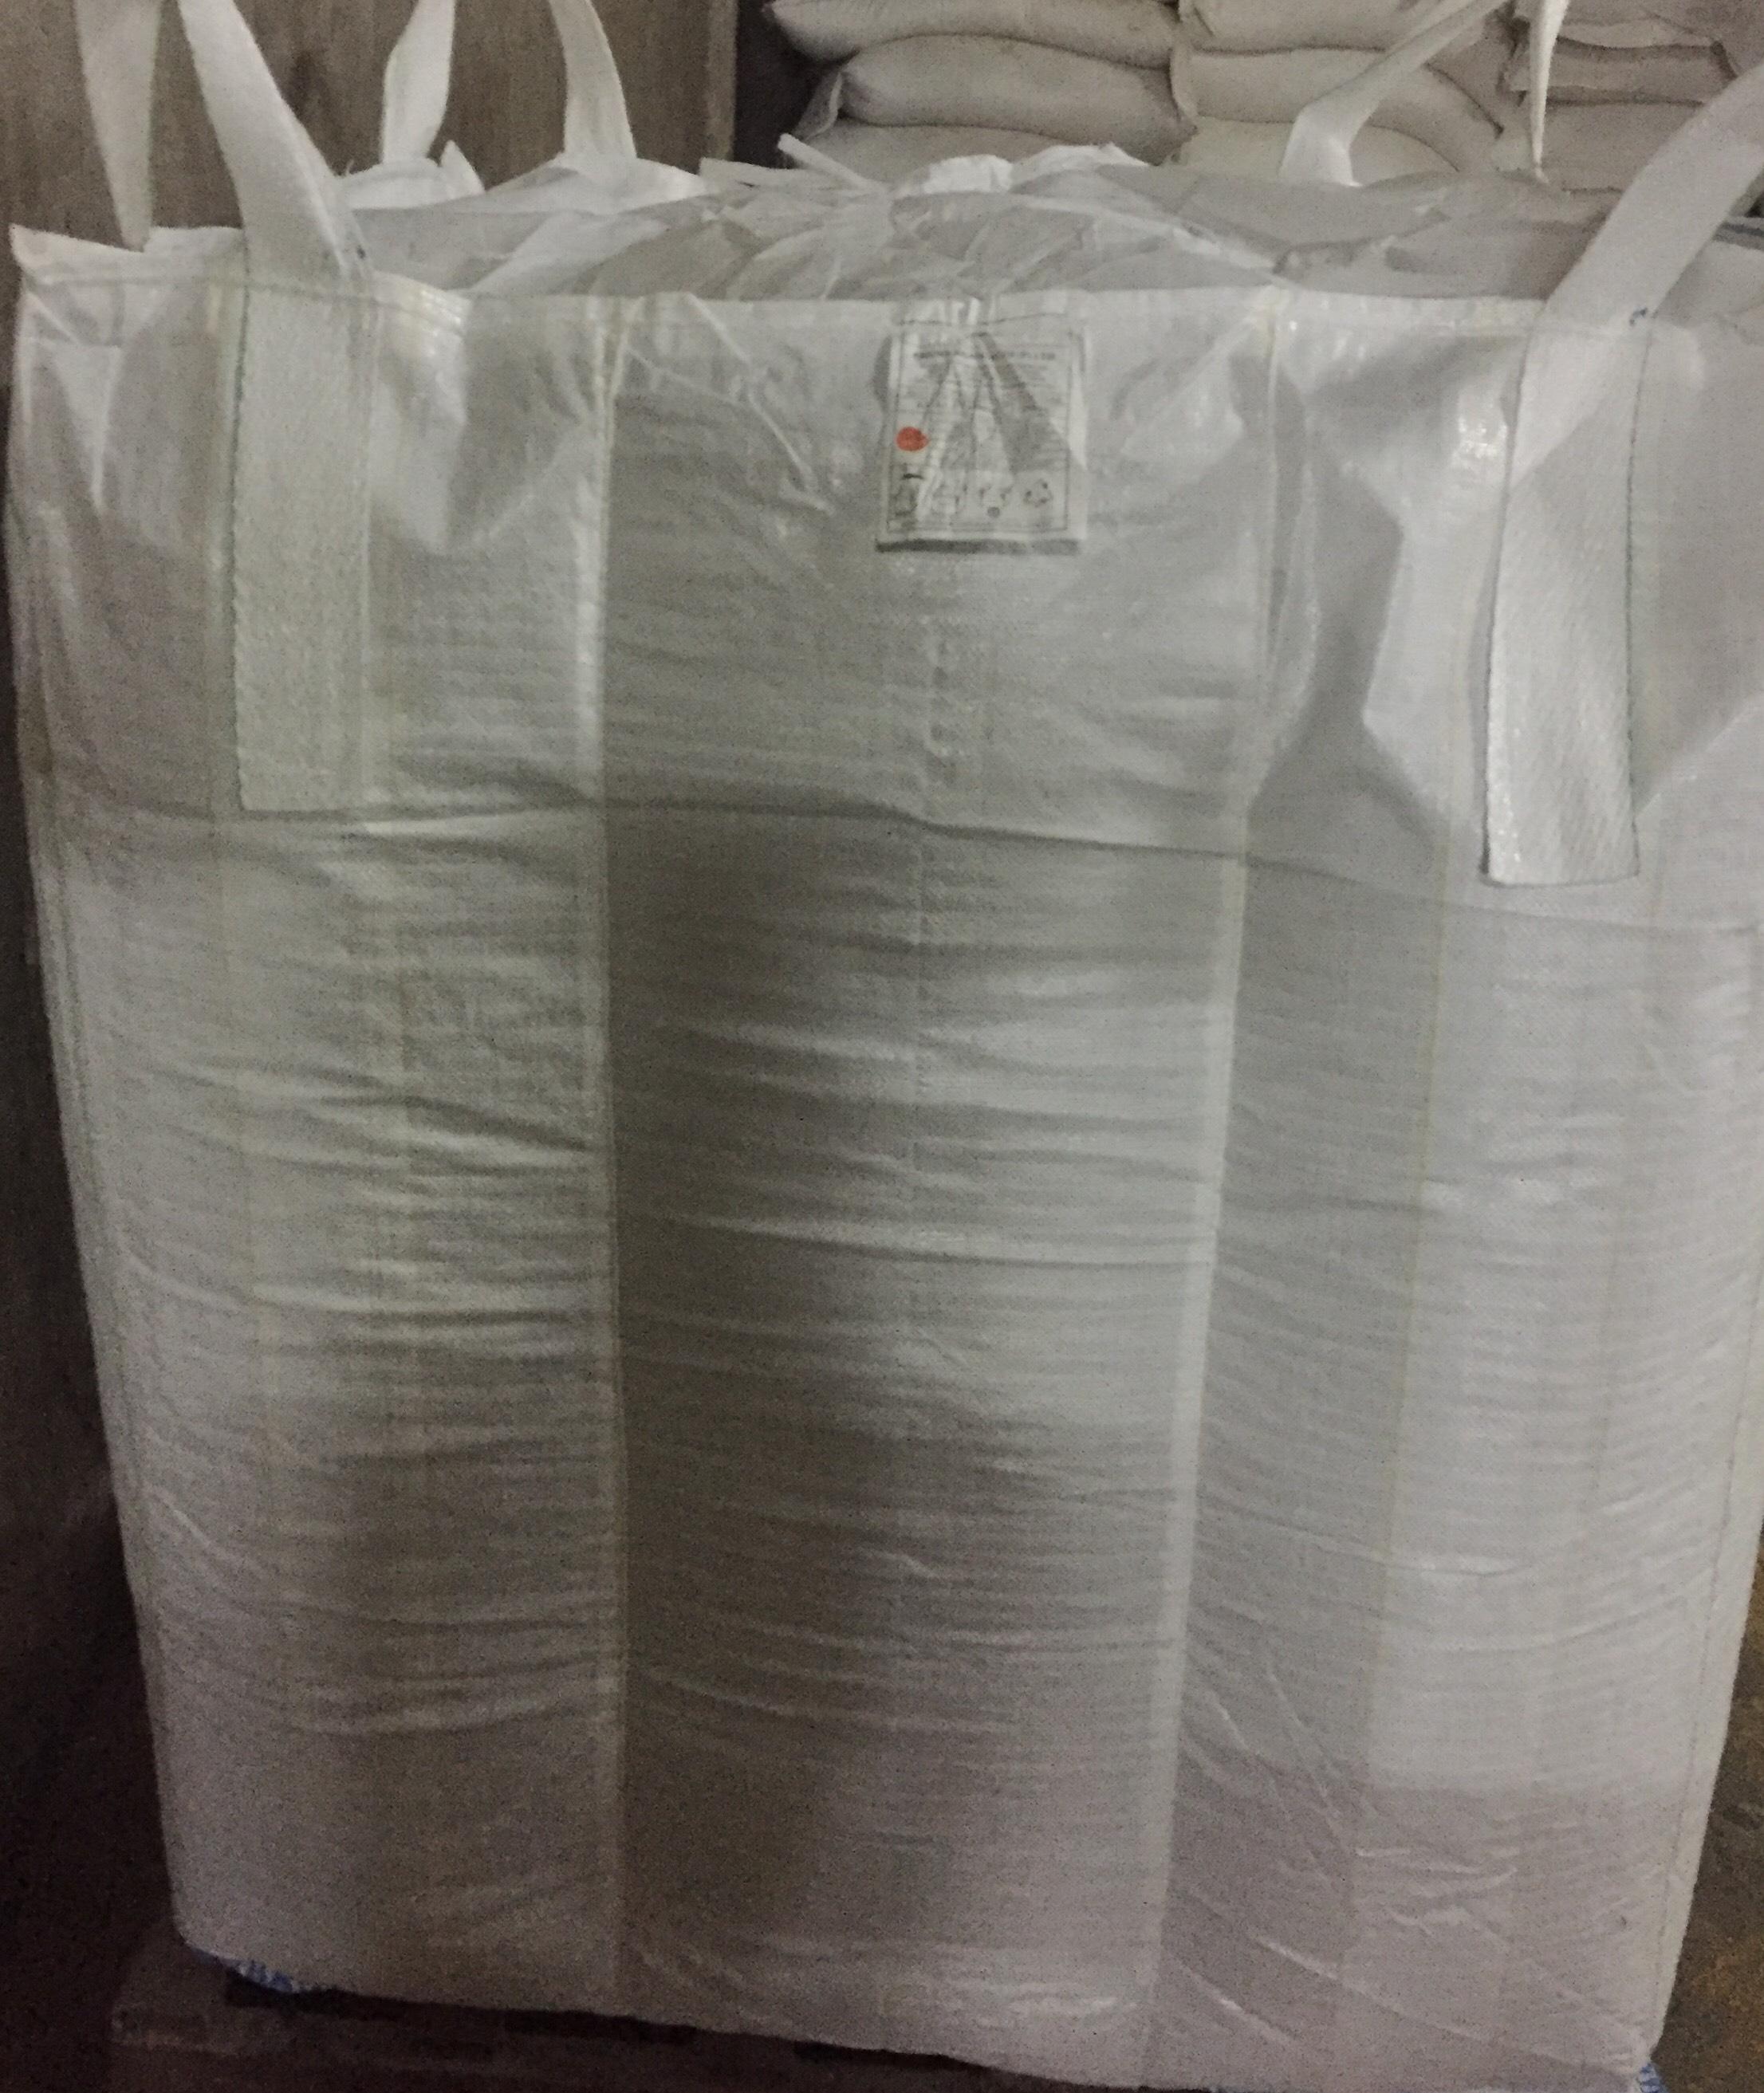 Big Bags of 1000 kgs